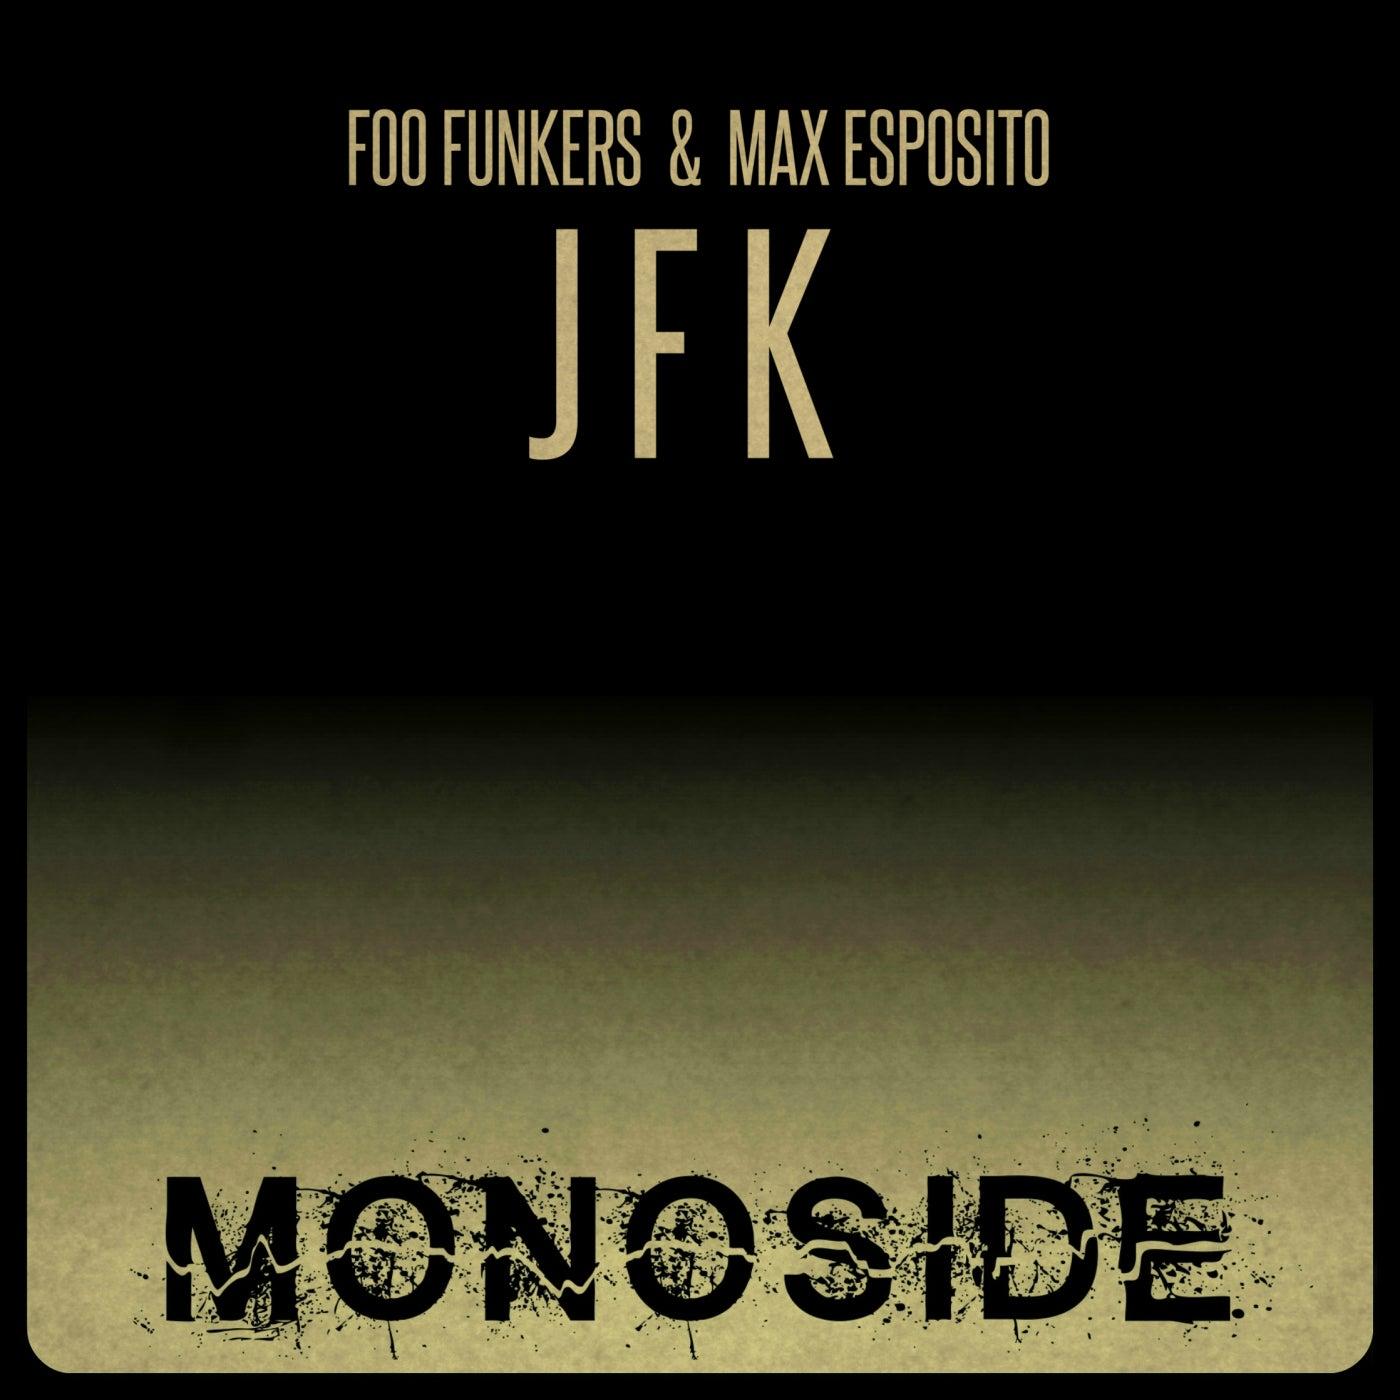 J F K (Original Mix)